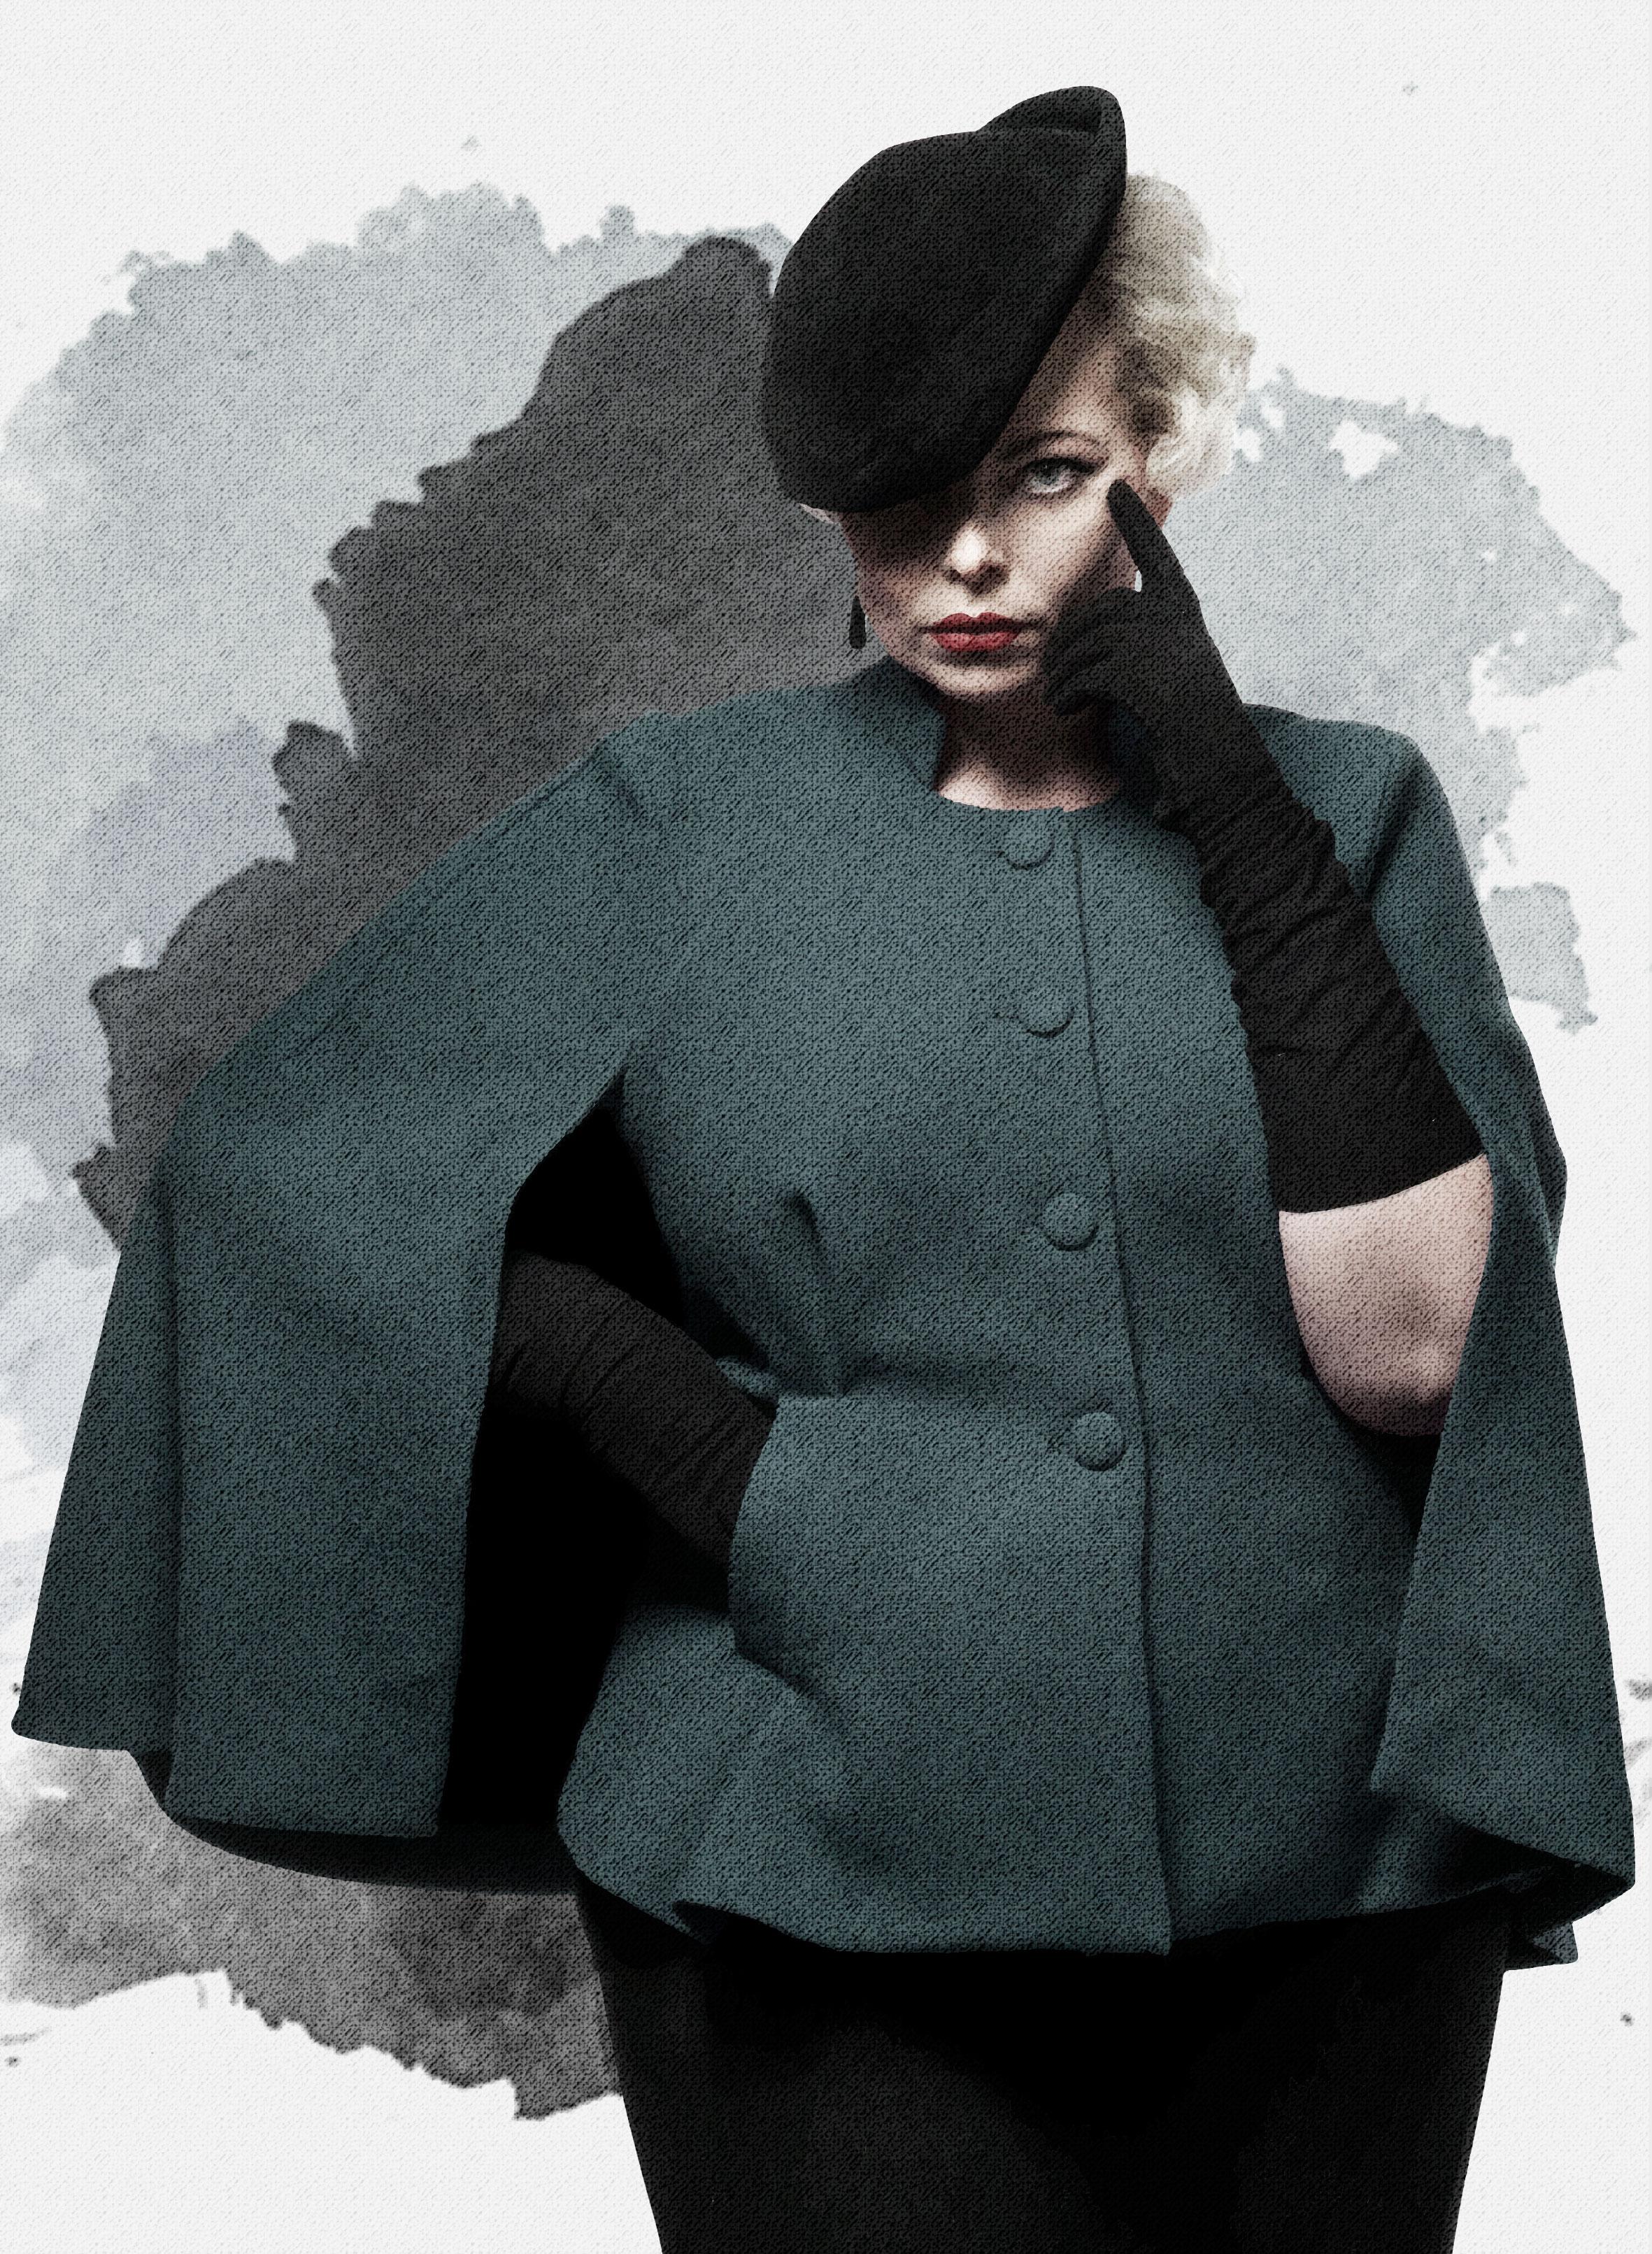 No. 15 Barcelona - Denne kappe er inspireret af kvinden der ikke er bange for at stå op for sig selv. Den er lavet som en klassisk kappen men denne giver dig både talje, en skarp skulderlinje og det smukke fald på ryggen.